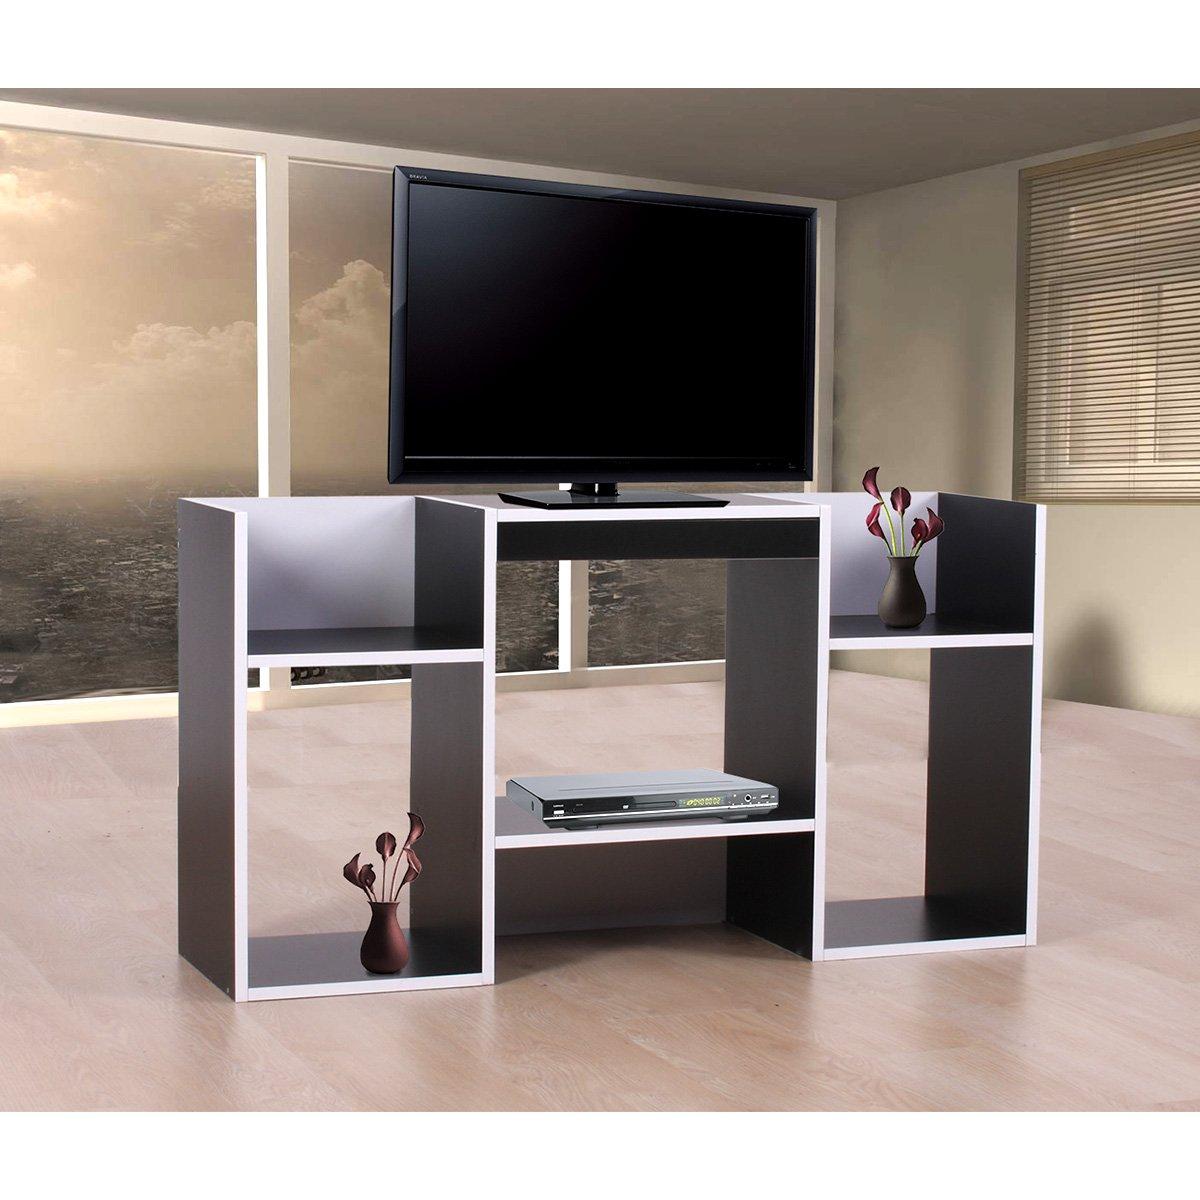 Mueble para tv soporte para tv de dise o 109x59x30 cm negro for Mueble con soporte para tv